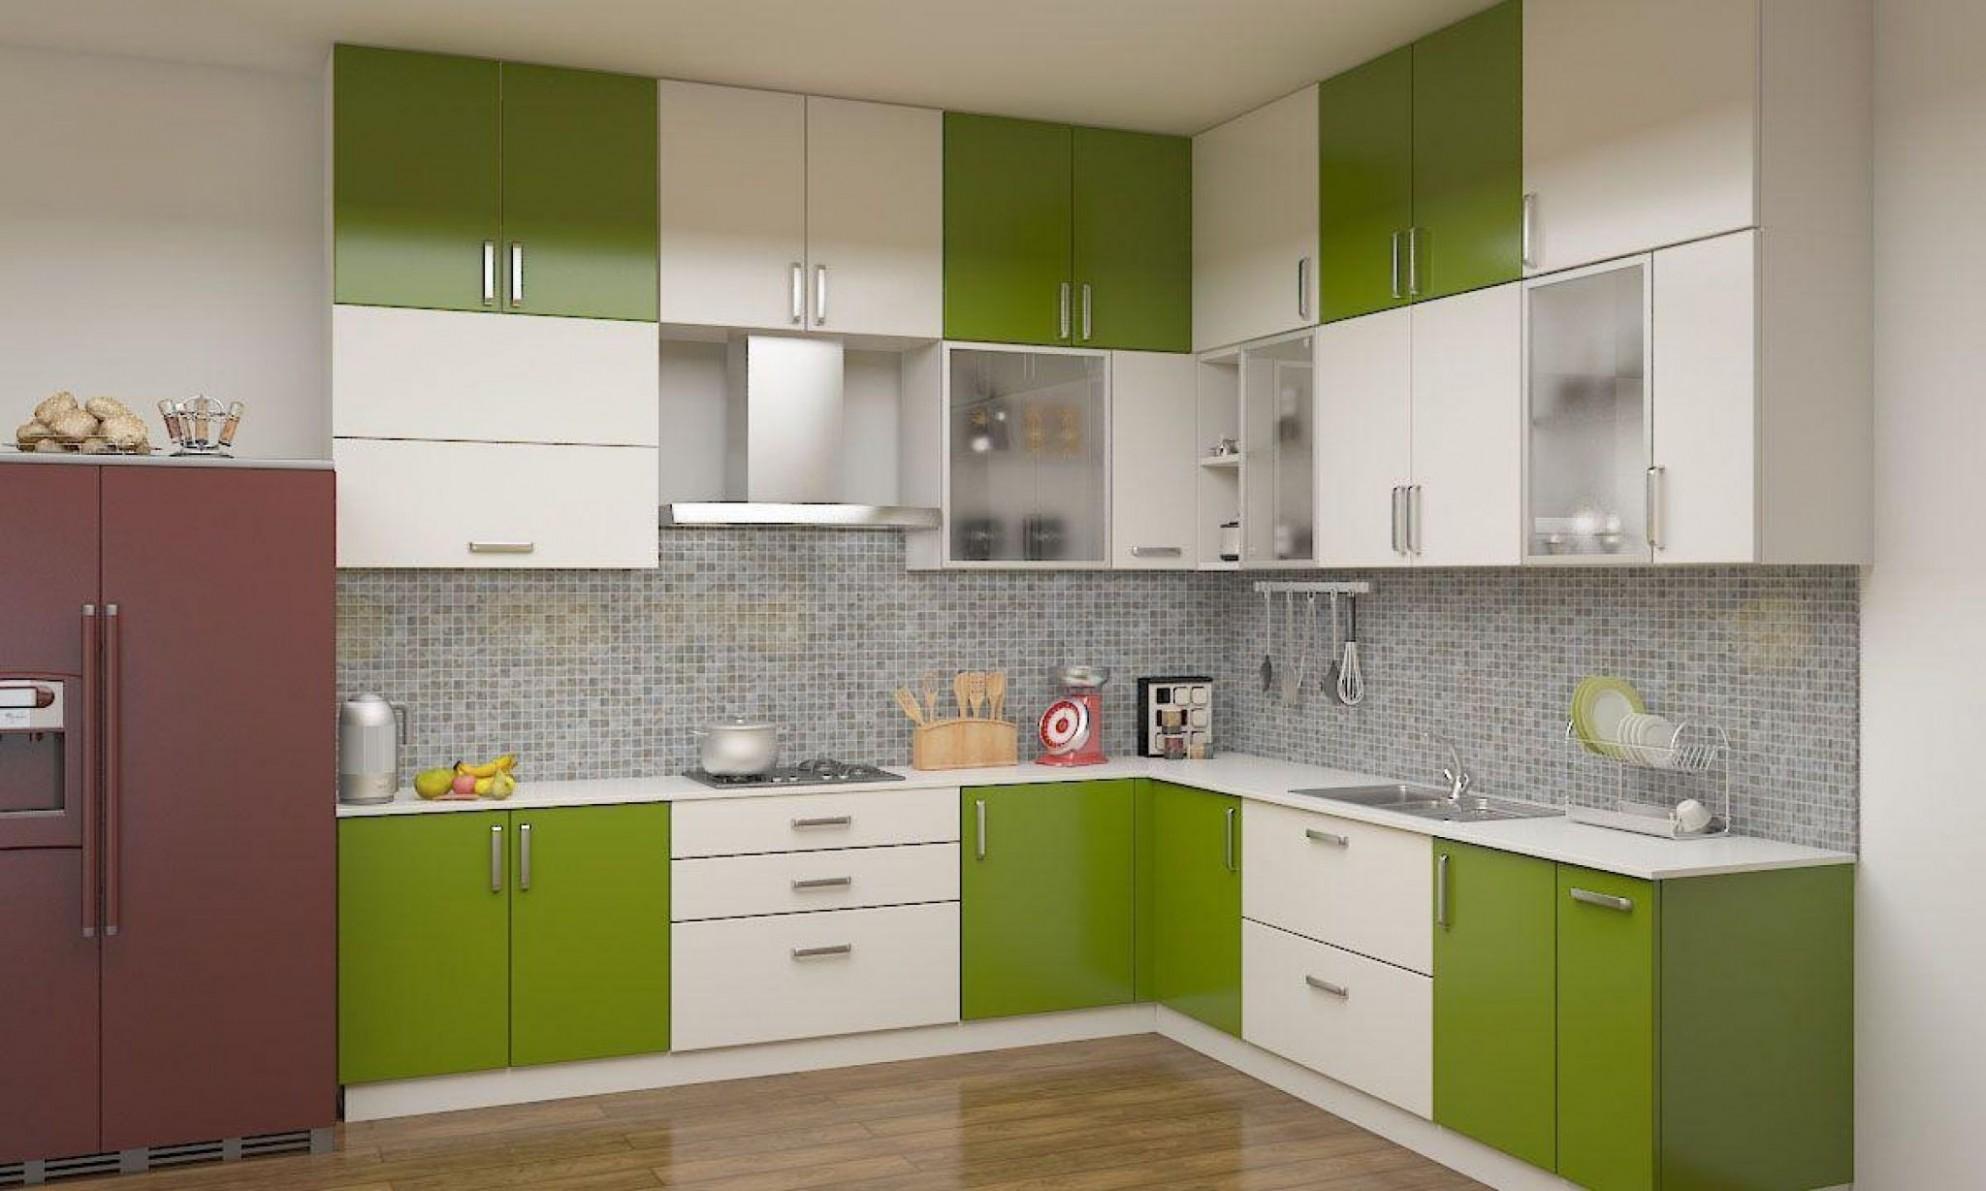 modular cabinets kitchen - kitchen remodel ideas pictures Check  - Modular Wardrobe Kitchen Cabinet